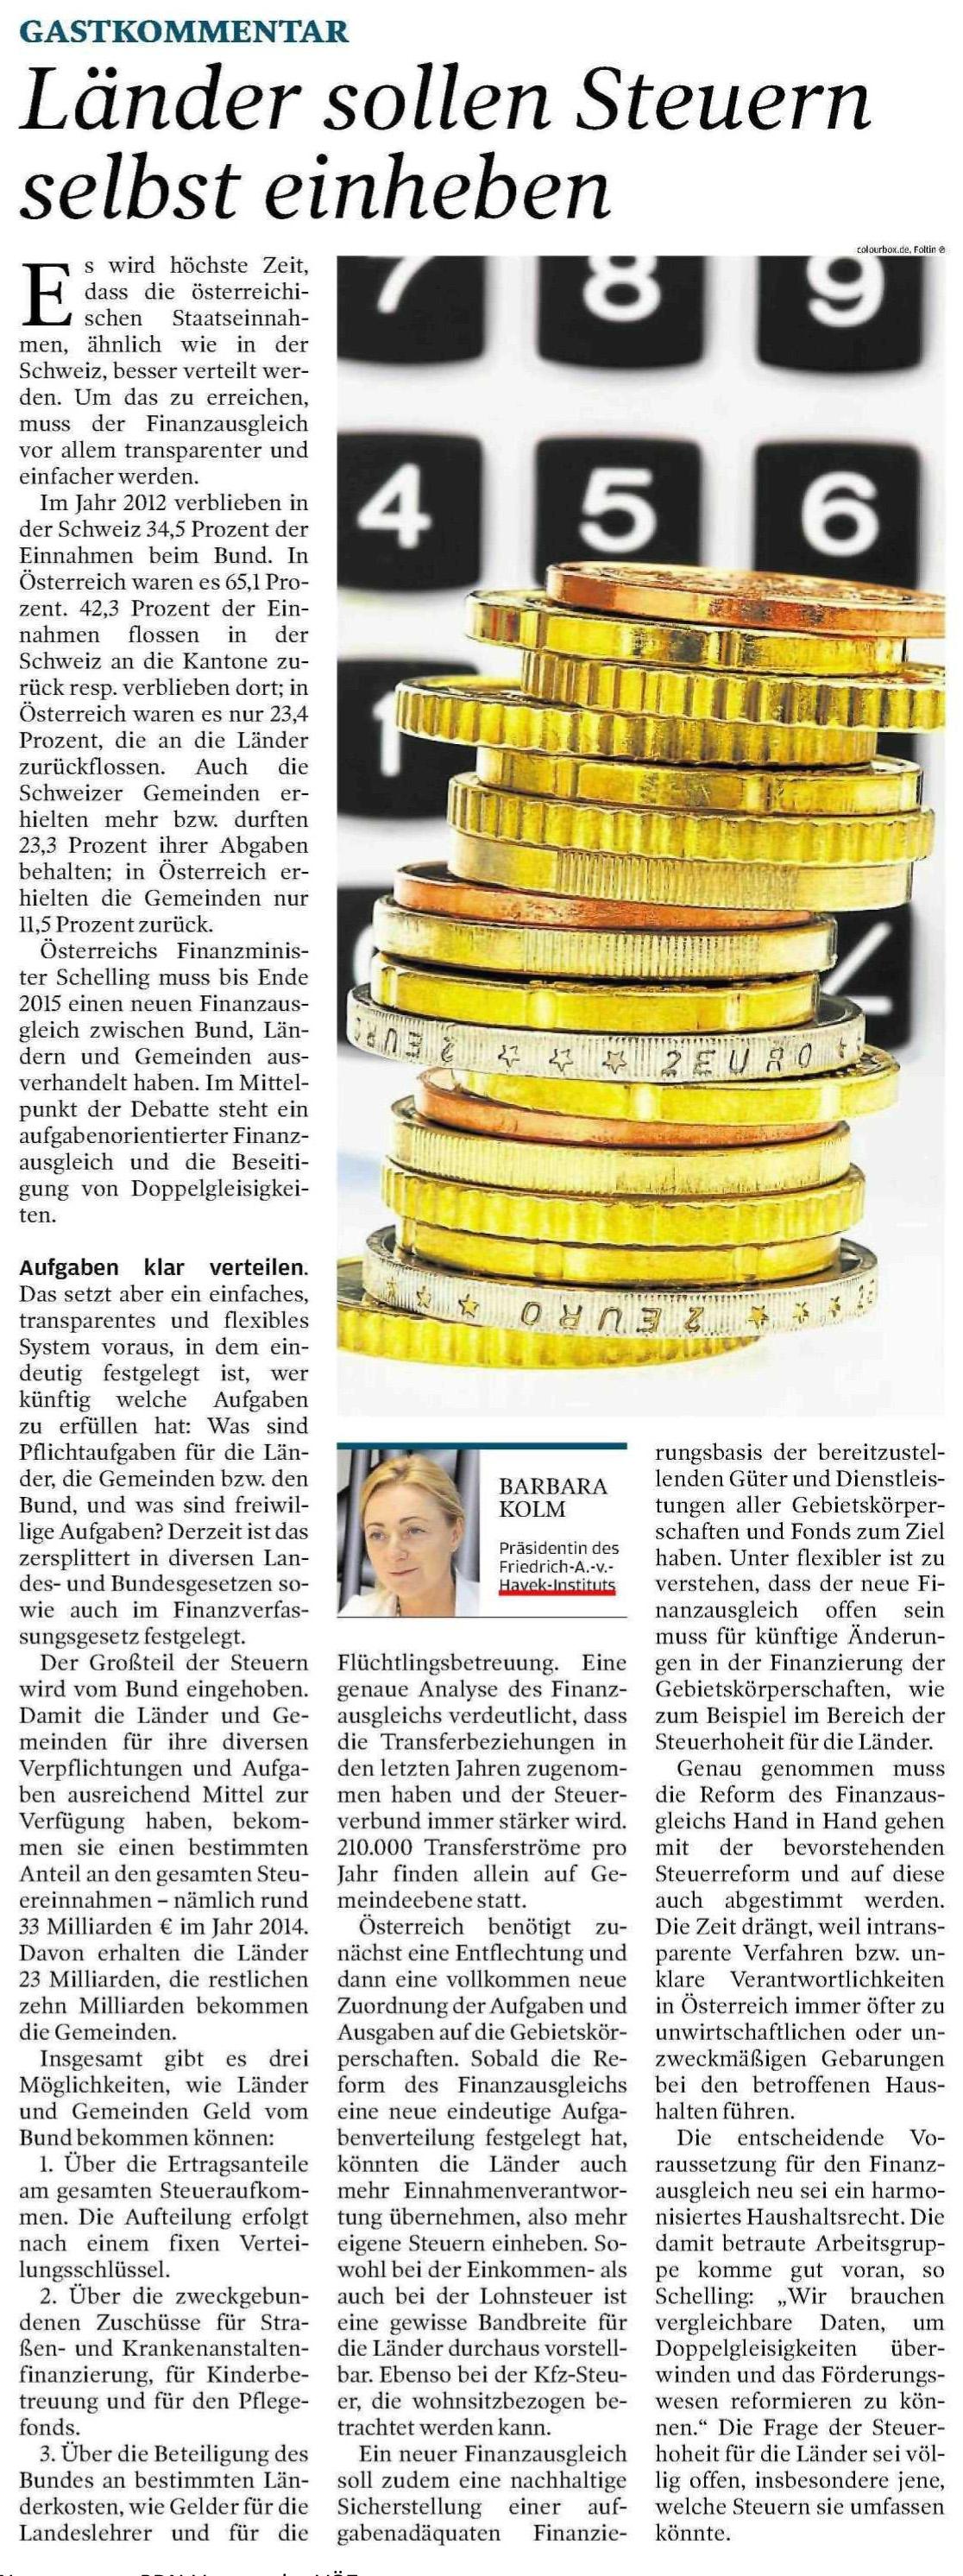 Wirtschaftsblatt 300914 copy2